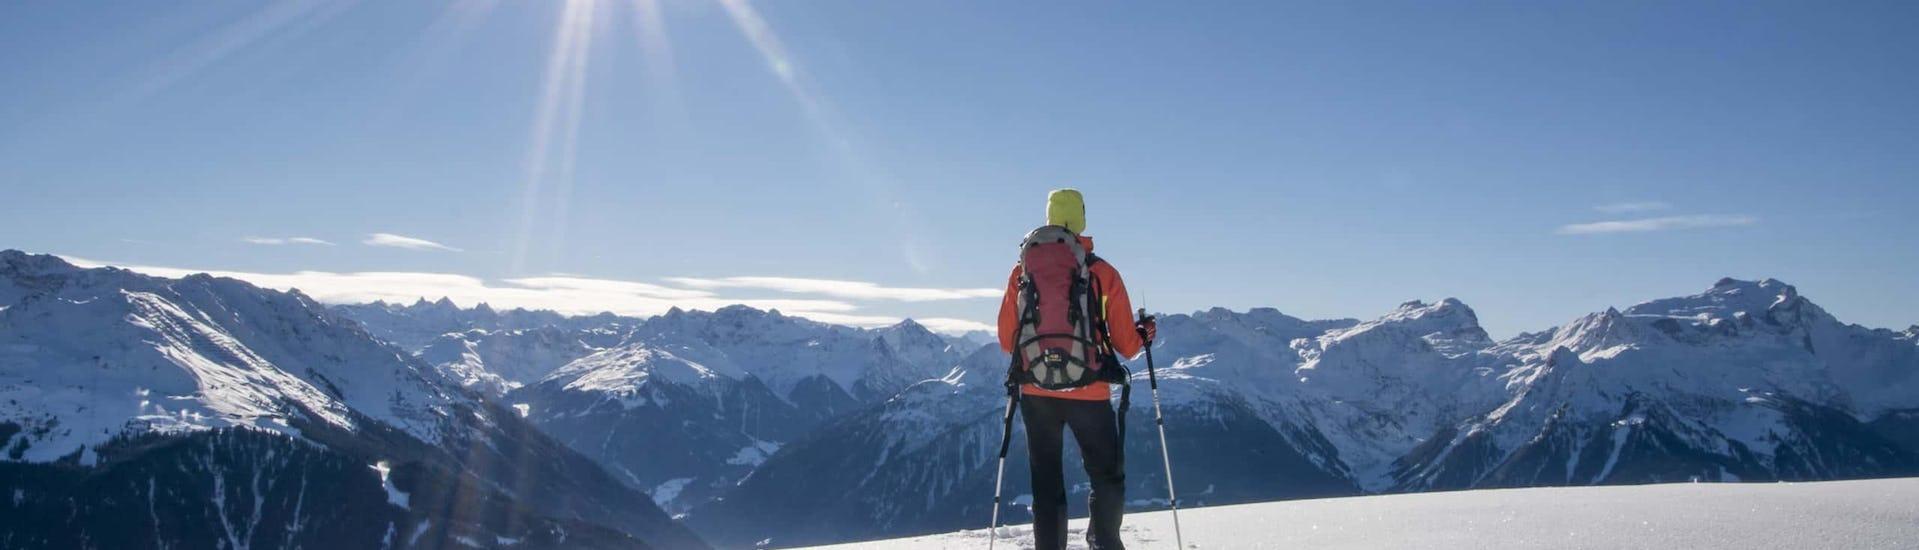 """Eine Person blickt bei der Aktivität """"½-tages Schneeschuhtour zum Kennenlernen"""" mit dem Anbieter Mountain Sports Mayrhofen auf das umliegende Bergpanorama."""